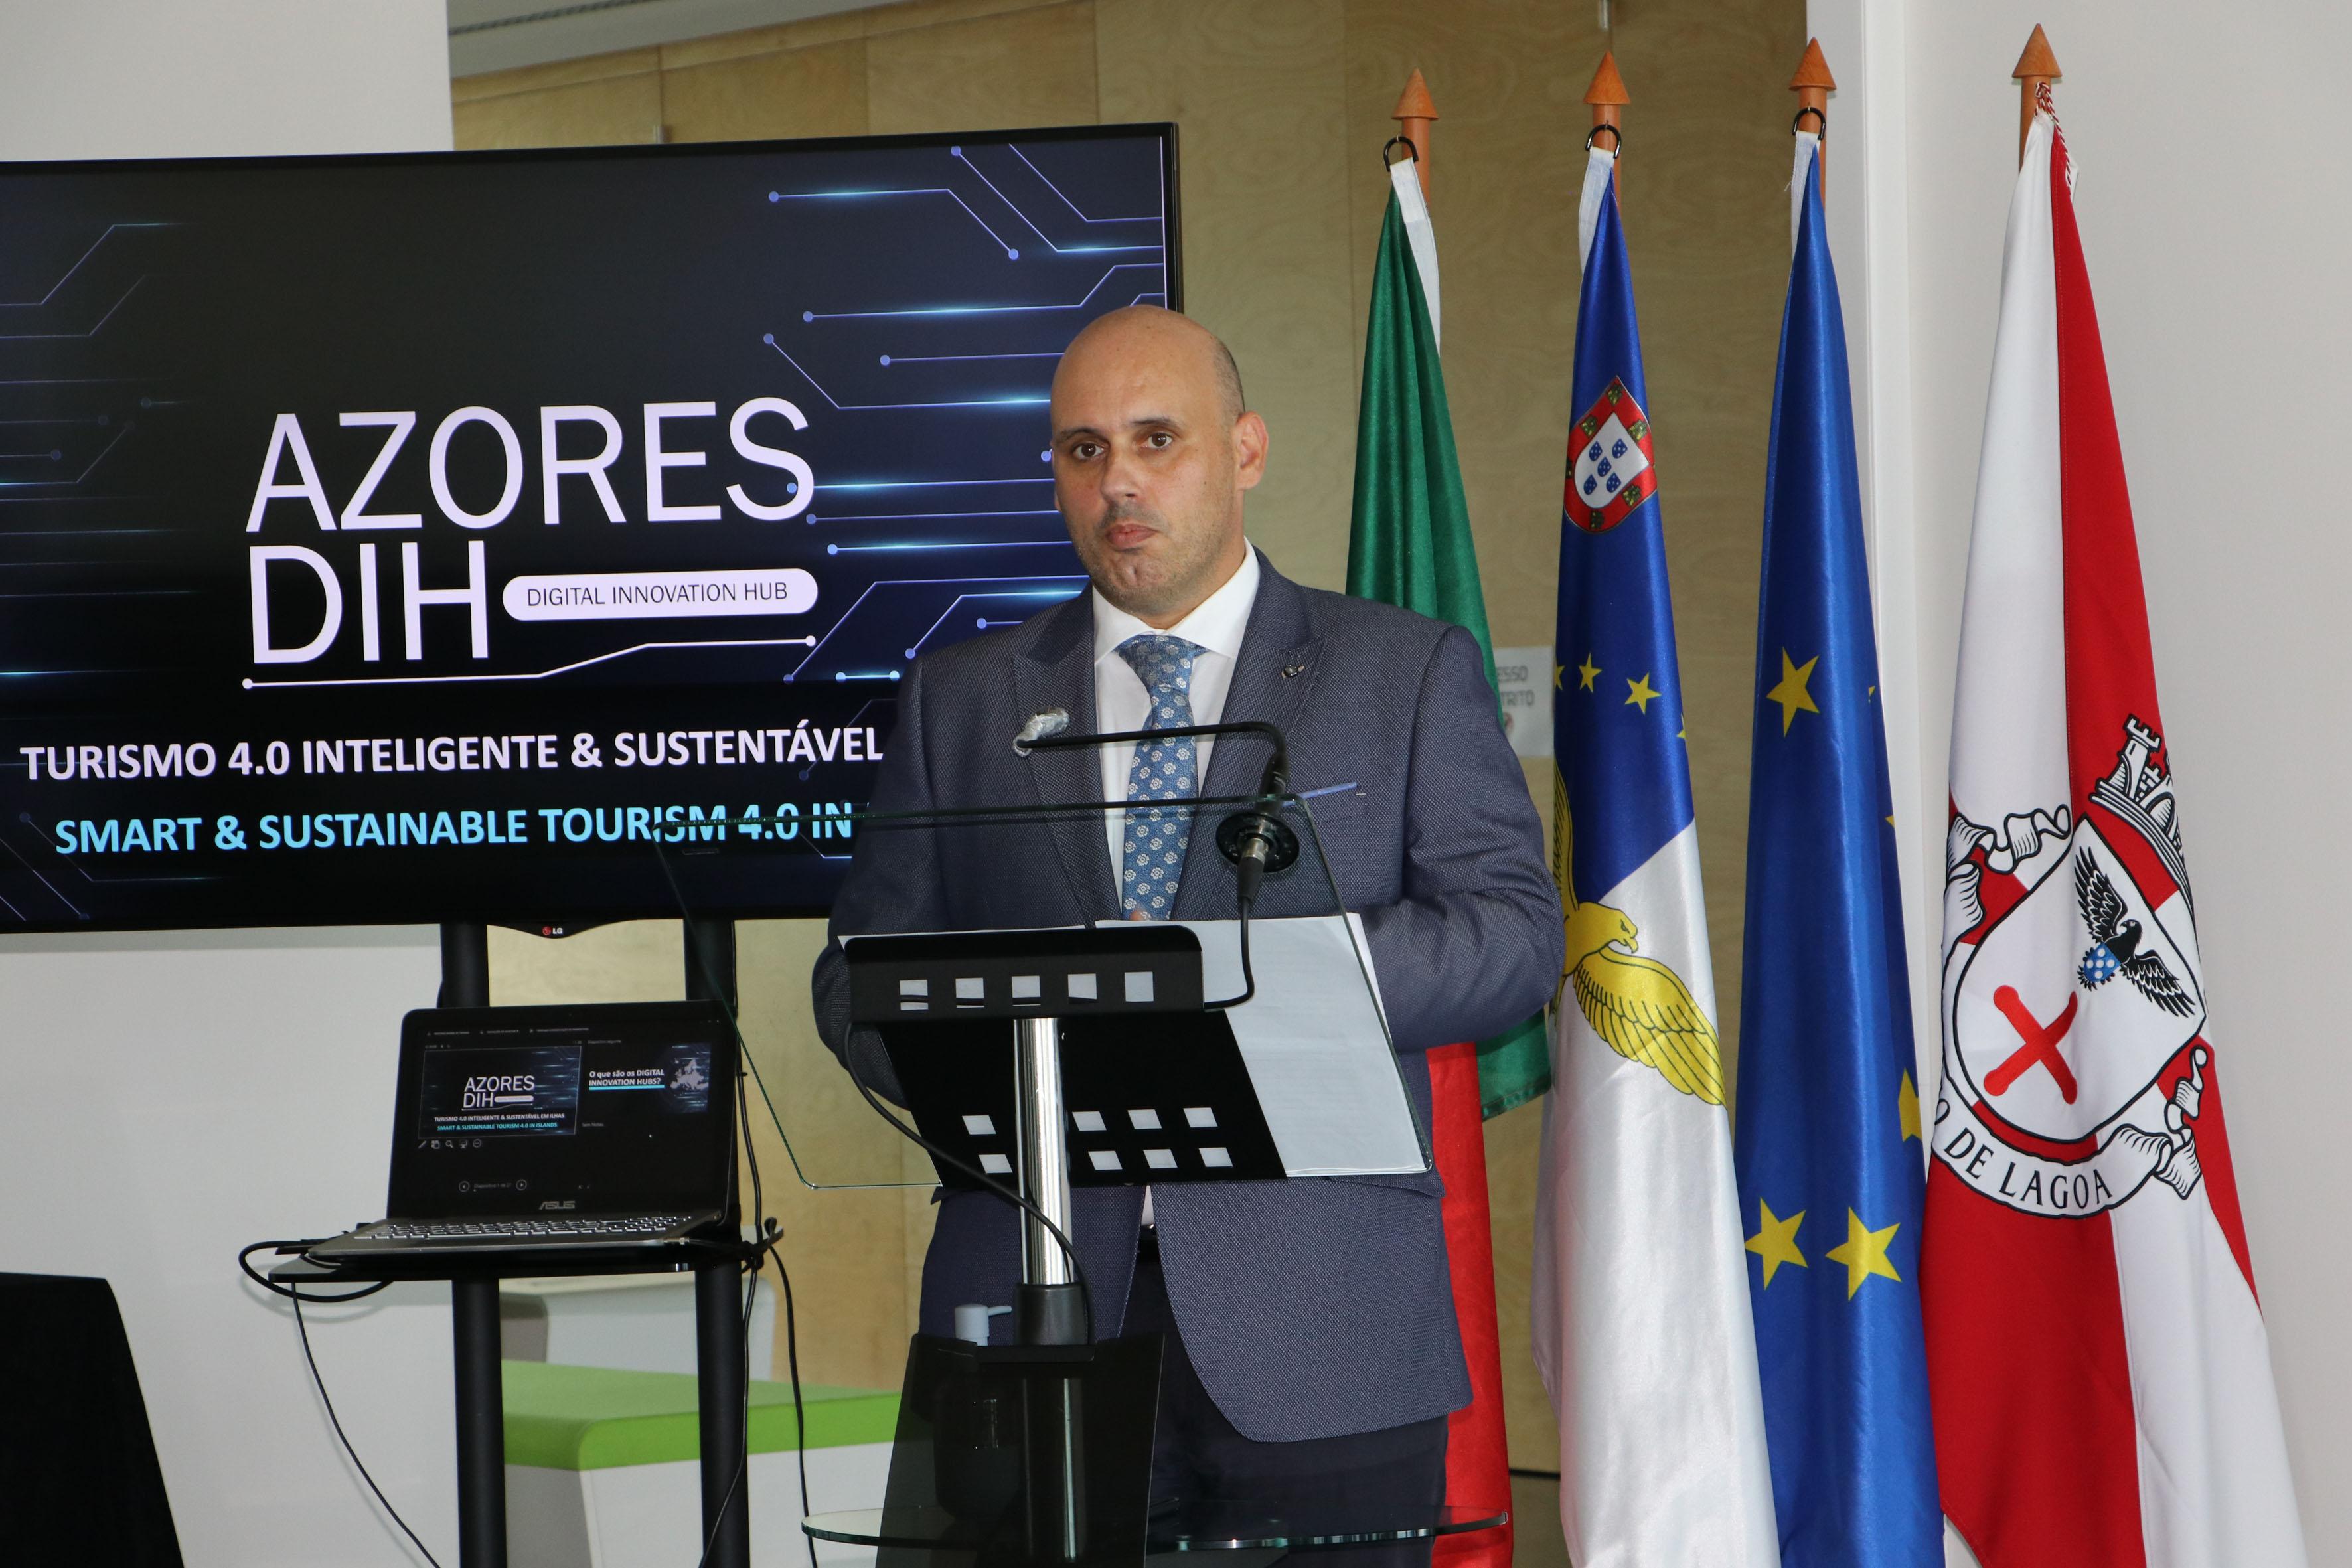 Governo dos Açores cria polo de inovação digital para aceleração tecnológica de pequenas e médias empresas